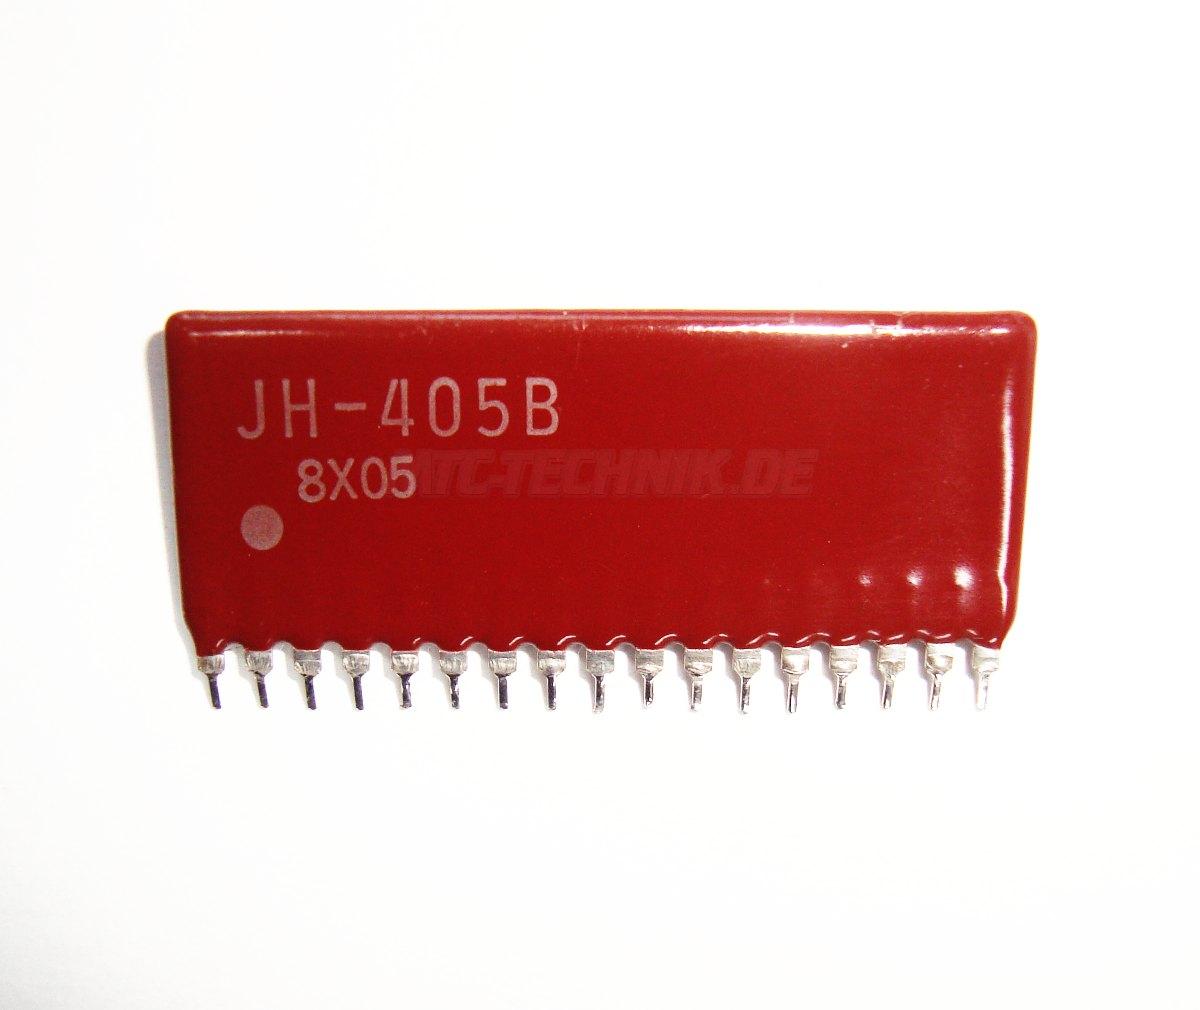 1 Yaskawa Jh-405b Hybrid Ic